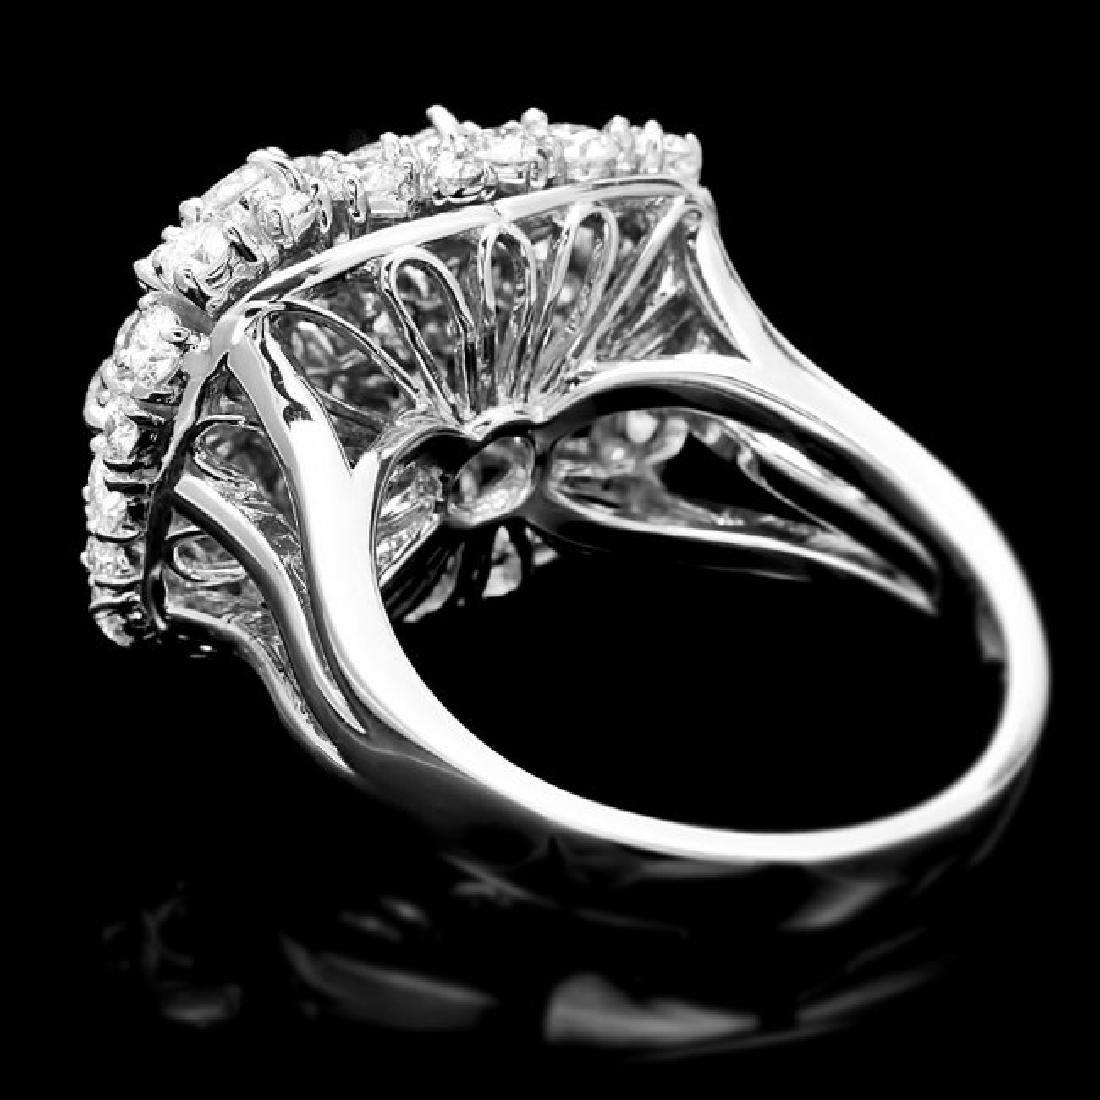 14k White Gold 2.50ct Diamond Ring - 5